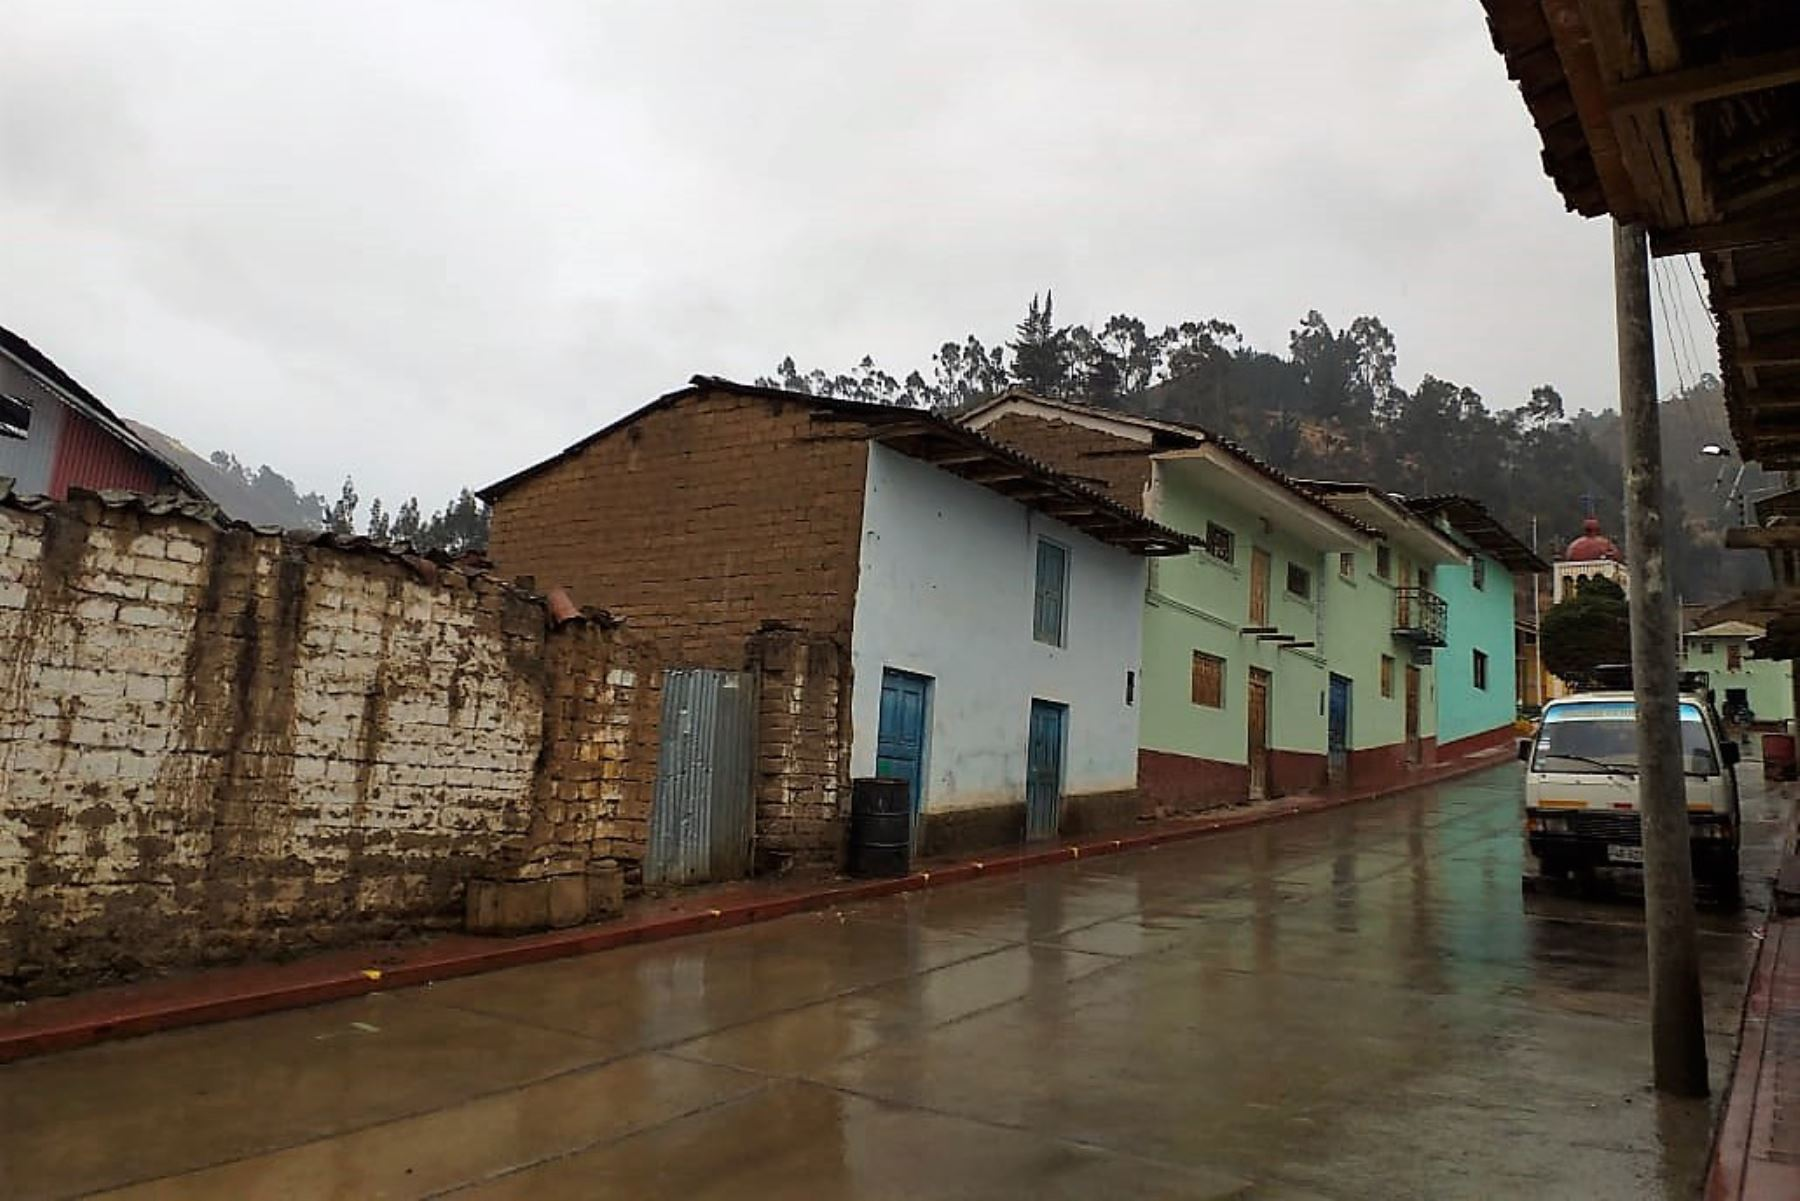 Los departamentos de posible afectación son: Áncash, Apurímac, Arequipa, Ayacucho, Cajamarca, Cusco, La Libertad, Moquegua, Piura, Puno y Tacna.